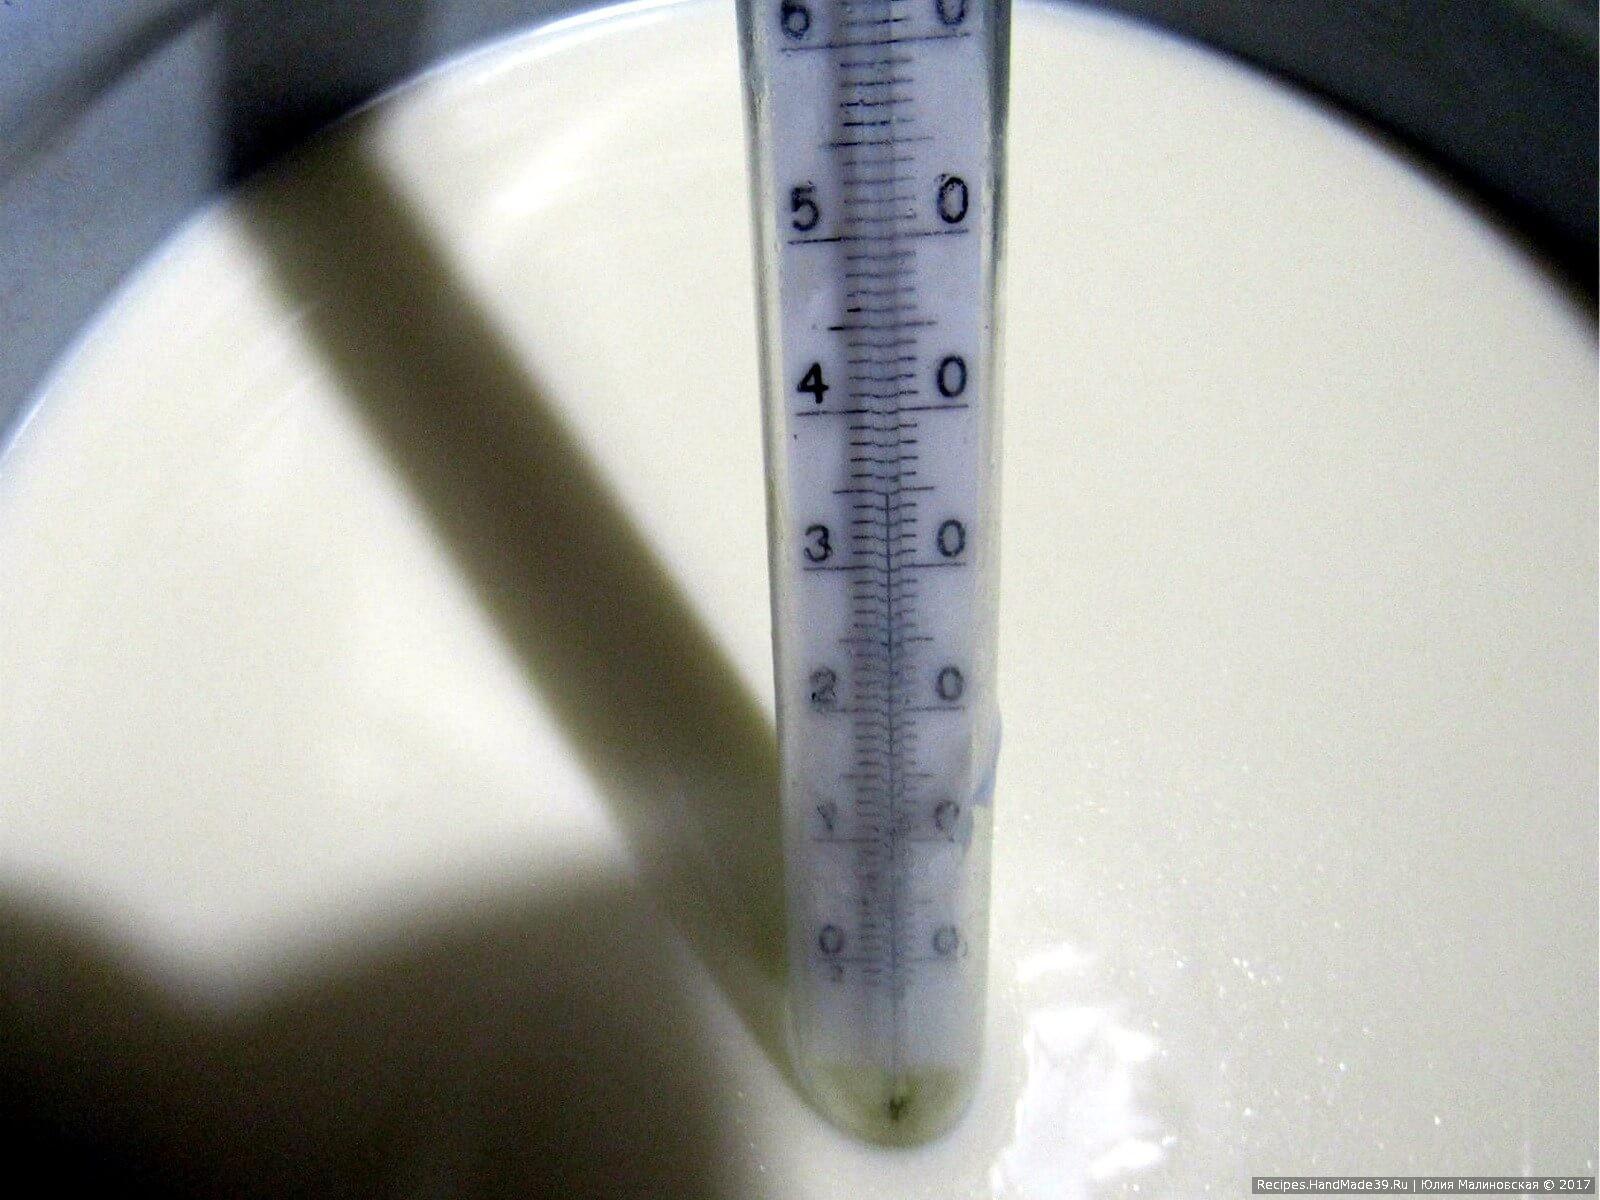 Вылить в эмалированную кастрюлю 6 литров молока, постоянно помешивая, нагреть до 35 °C, влить фермент 6 мл, можно и 7-8 мл, если любите сыр более плотный